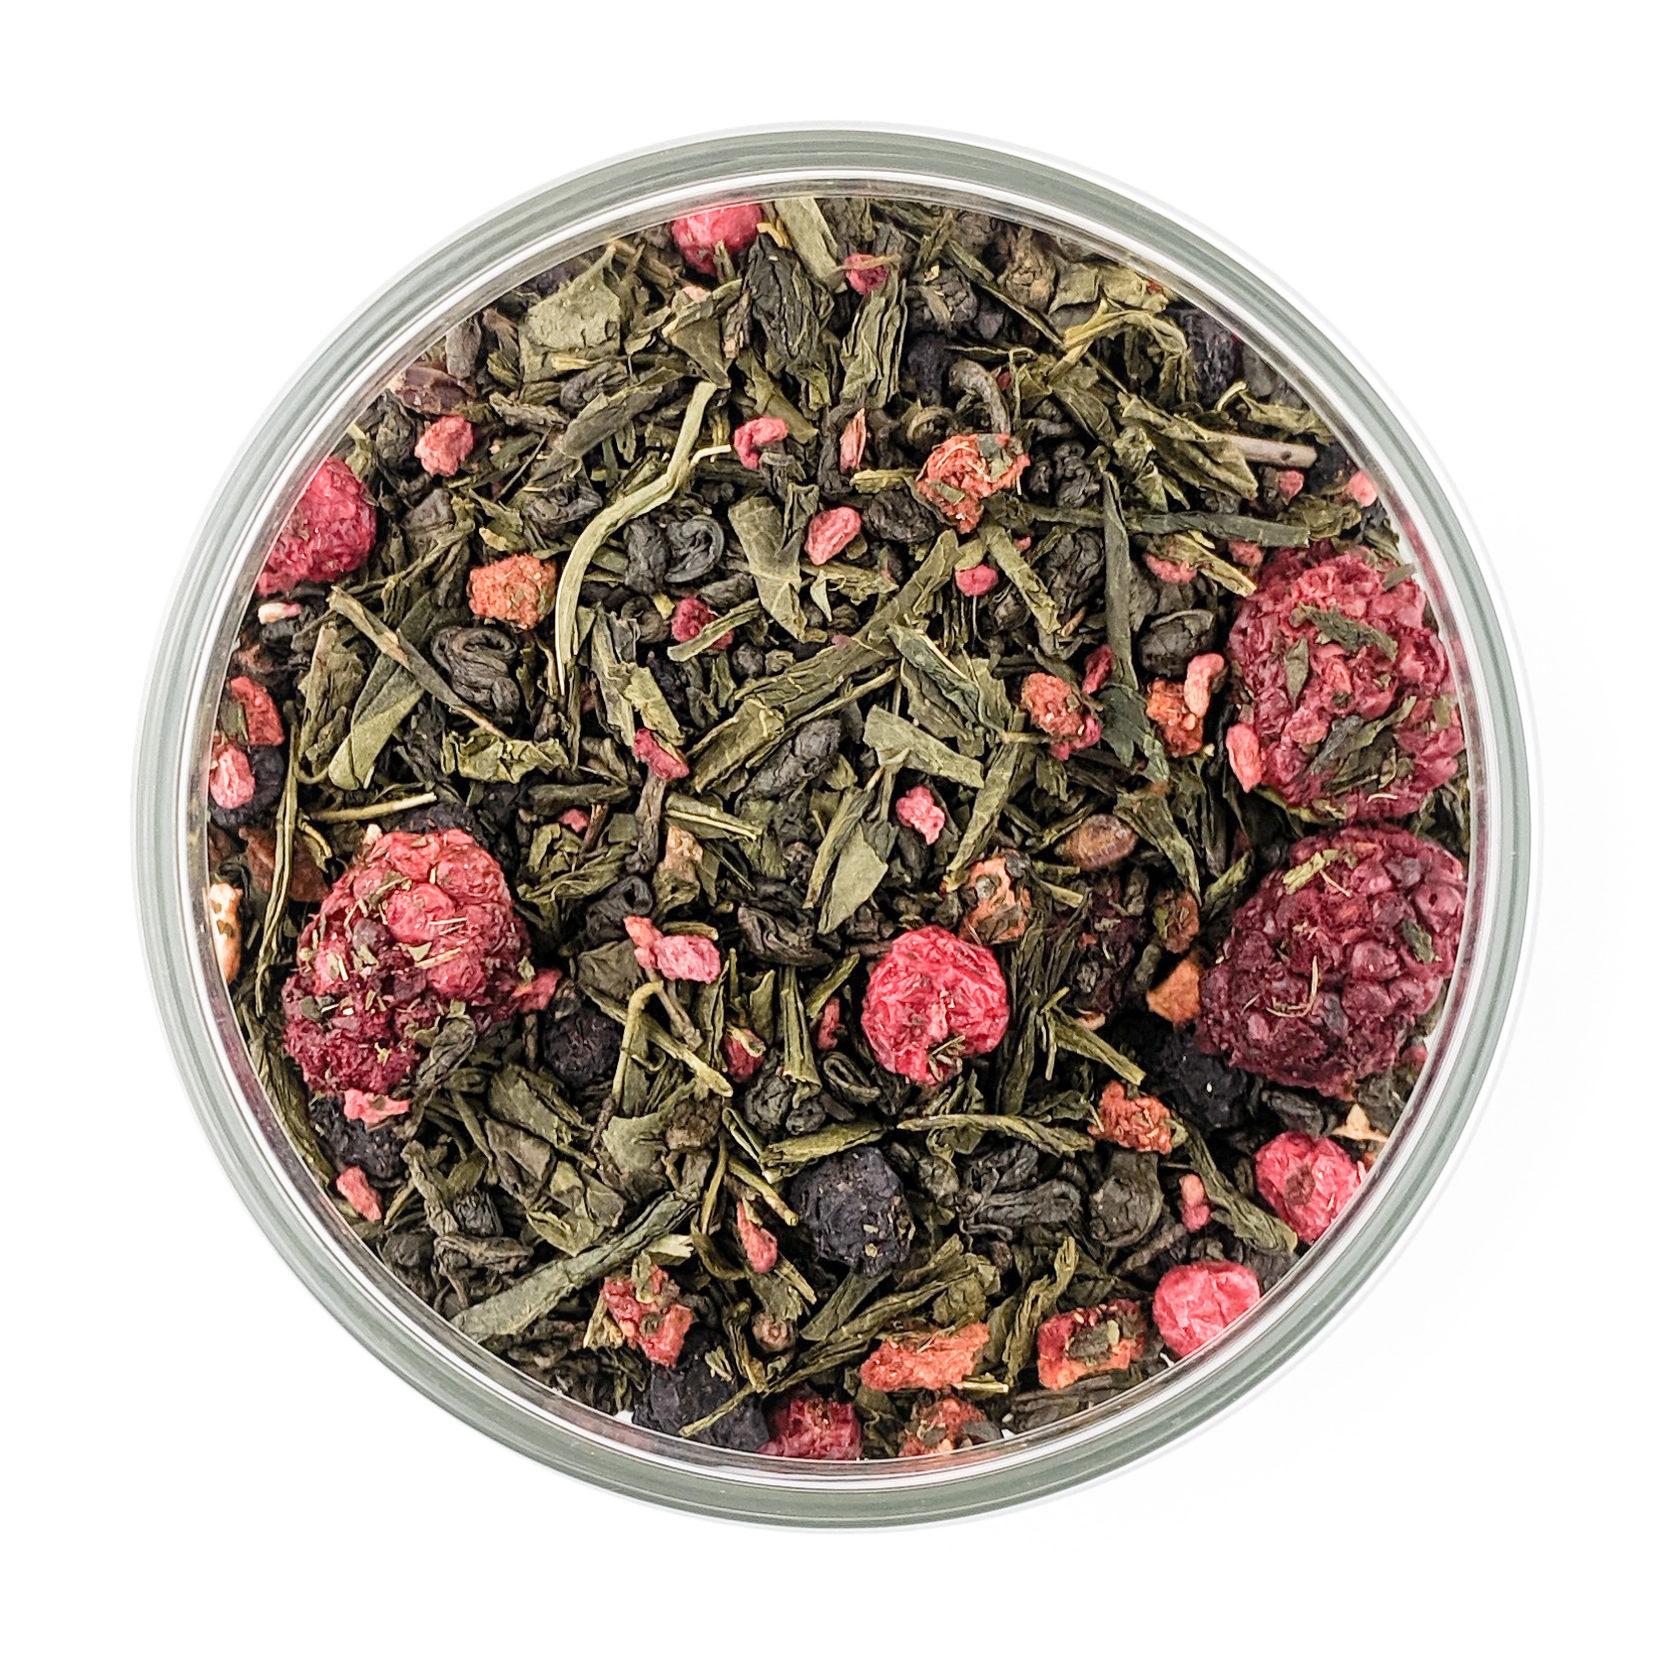 Купить зеленый чай с ягодами